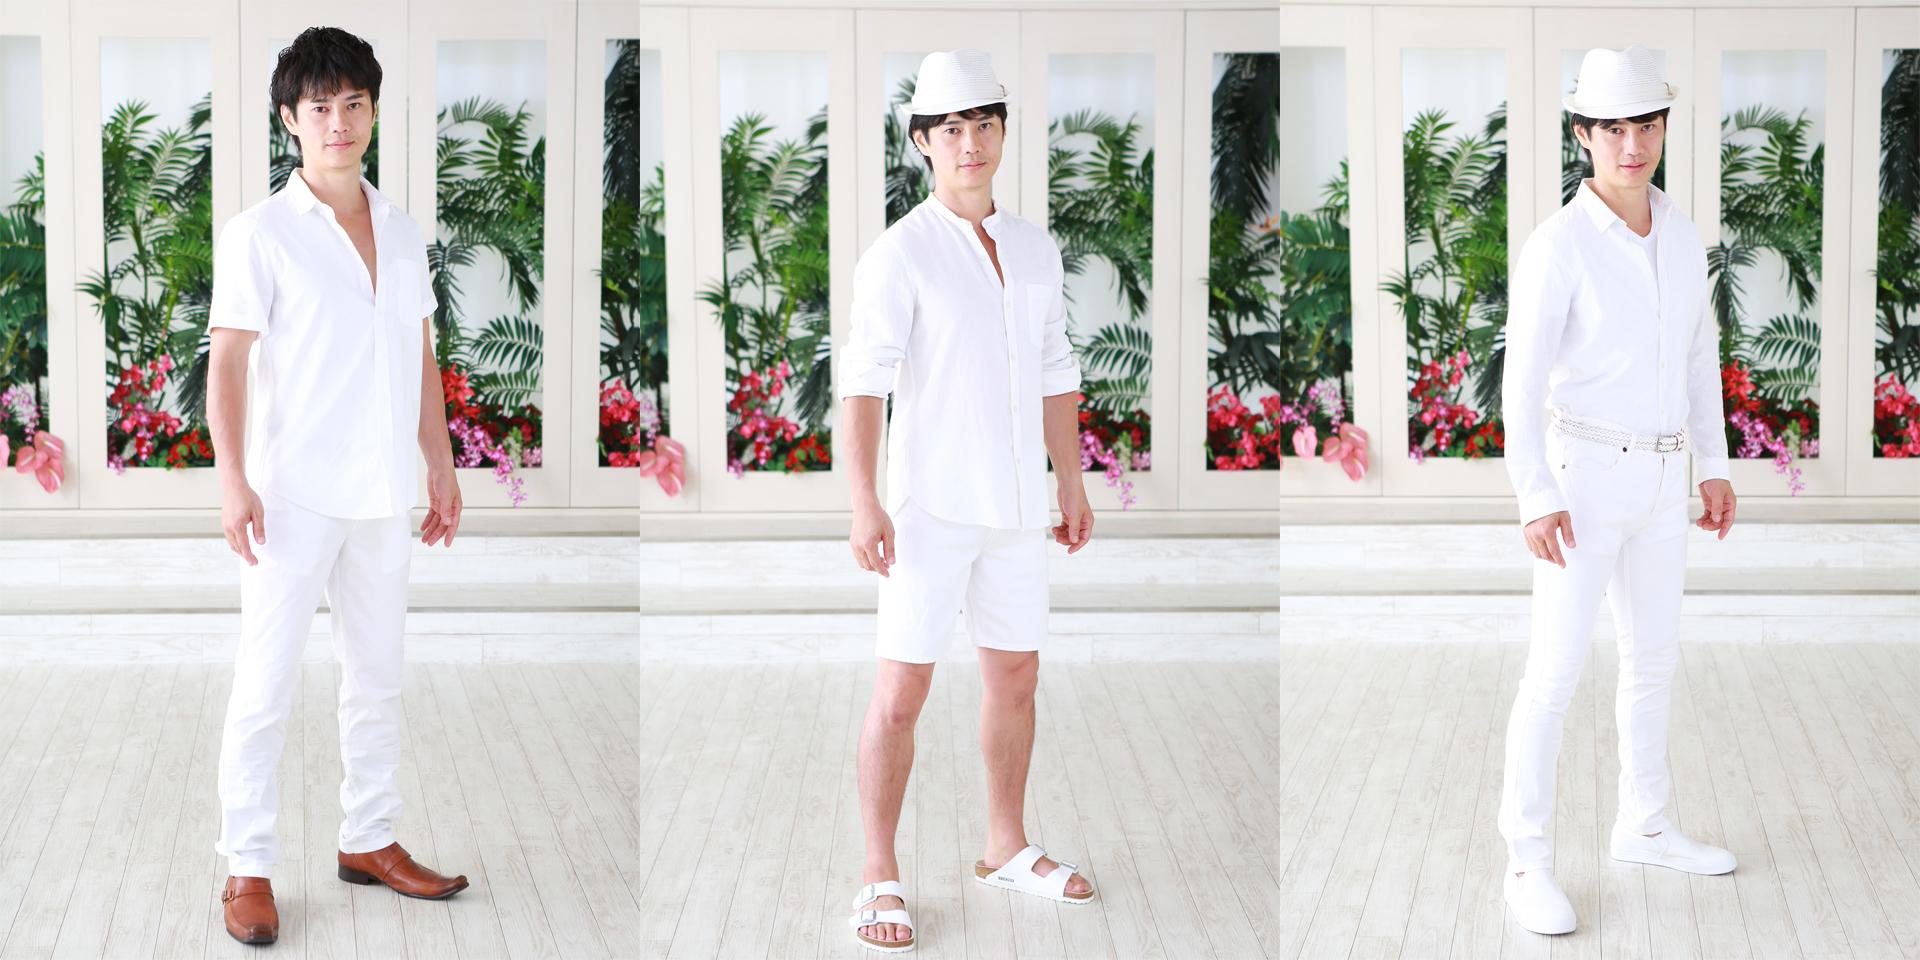 f53771c75c53d ホワイトパーティーに参加を検討している男性のための服装モデル ...